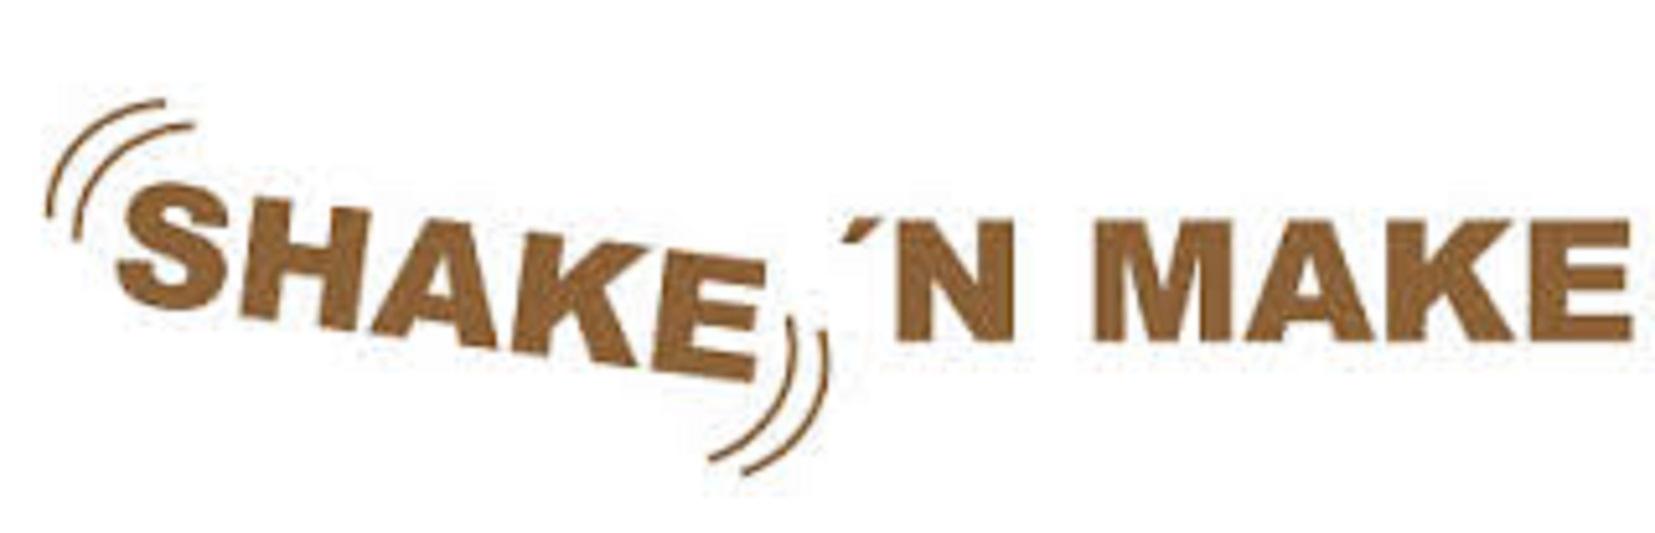 shake-n.make